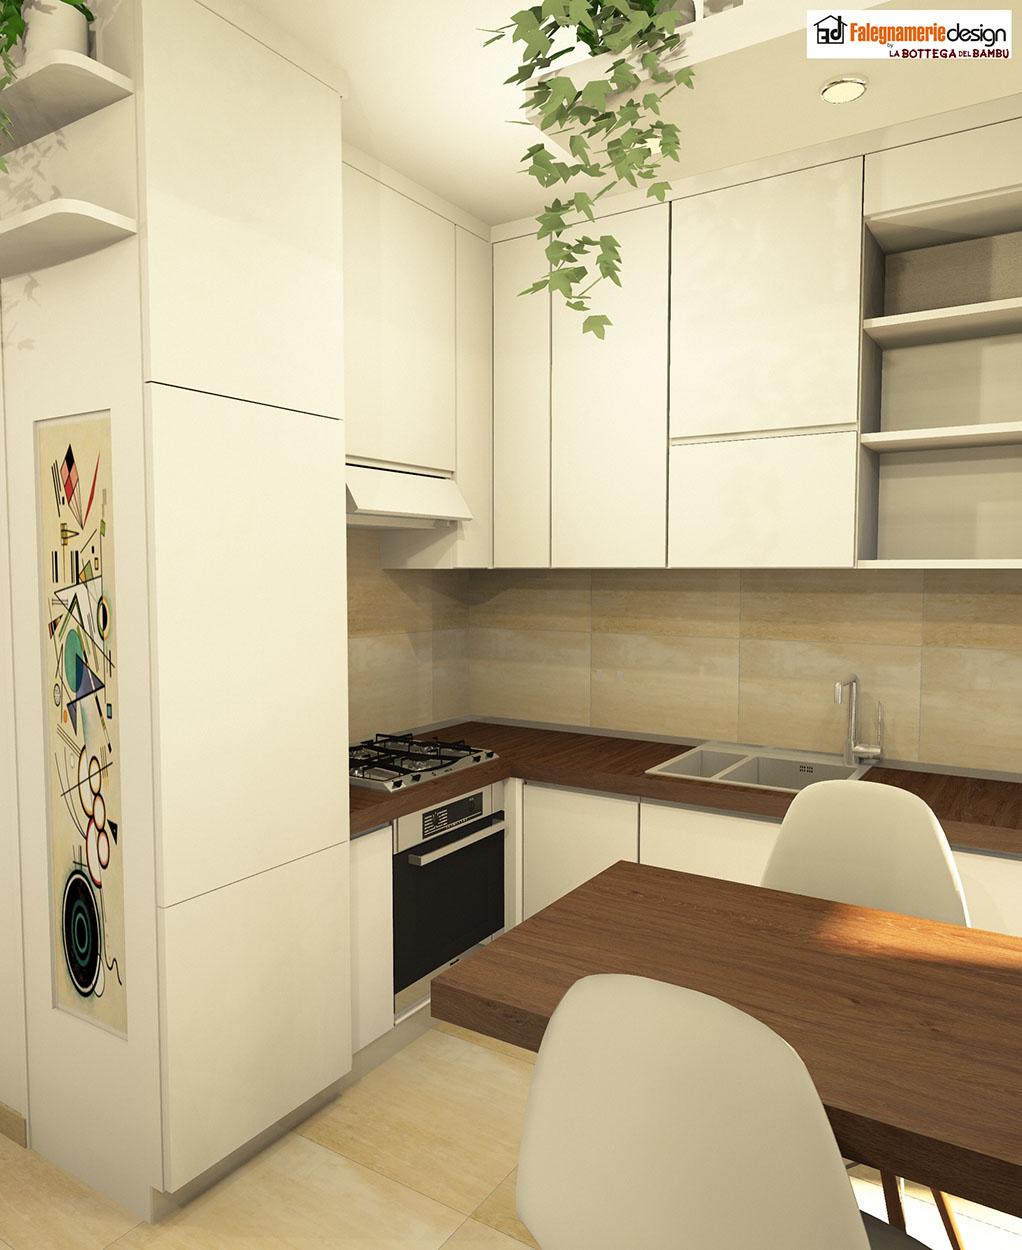 Progettazione cucine roma arredamenti e mobili su misura - Progettazione mobili su misura ...